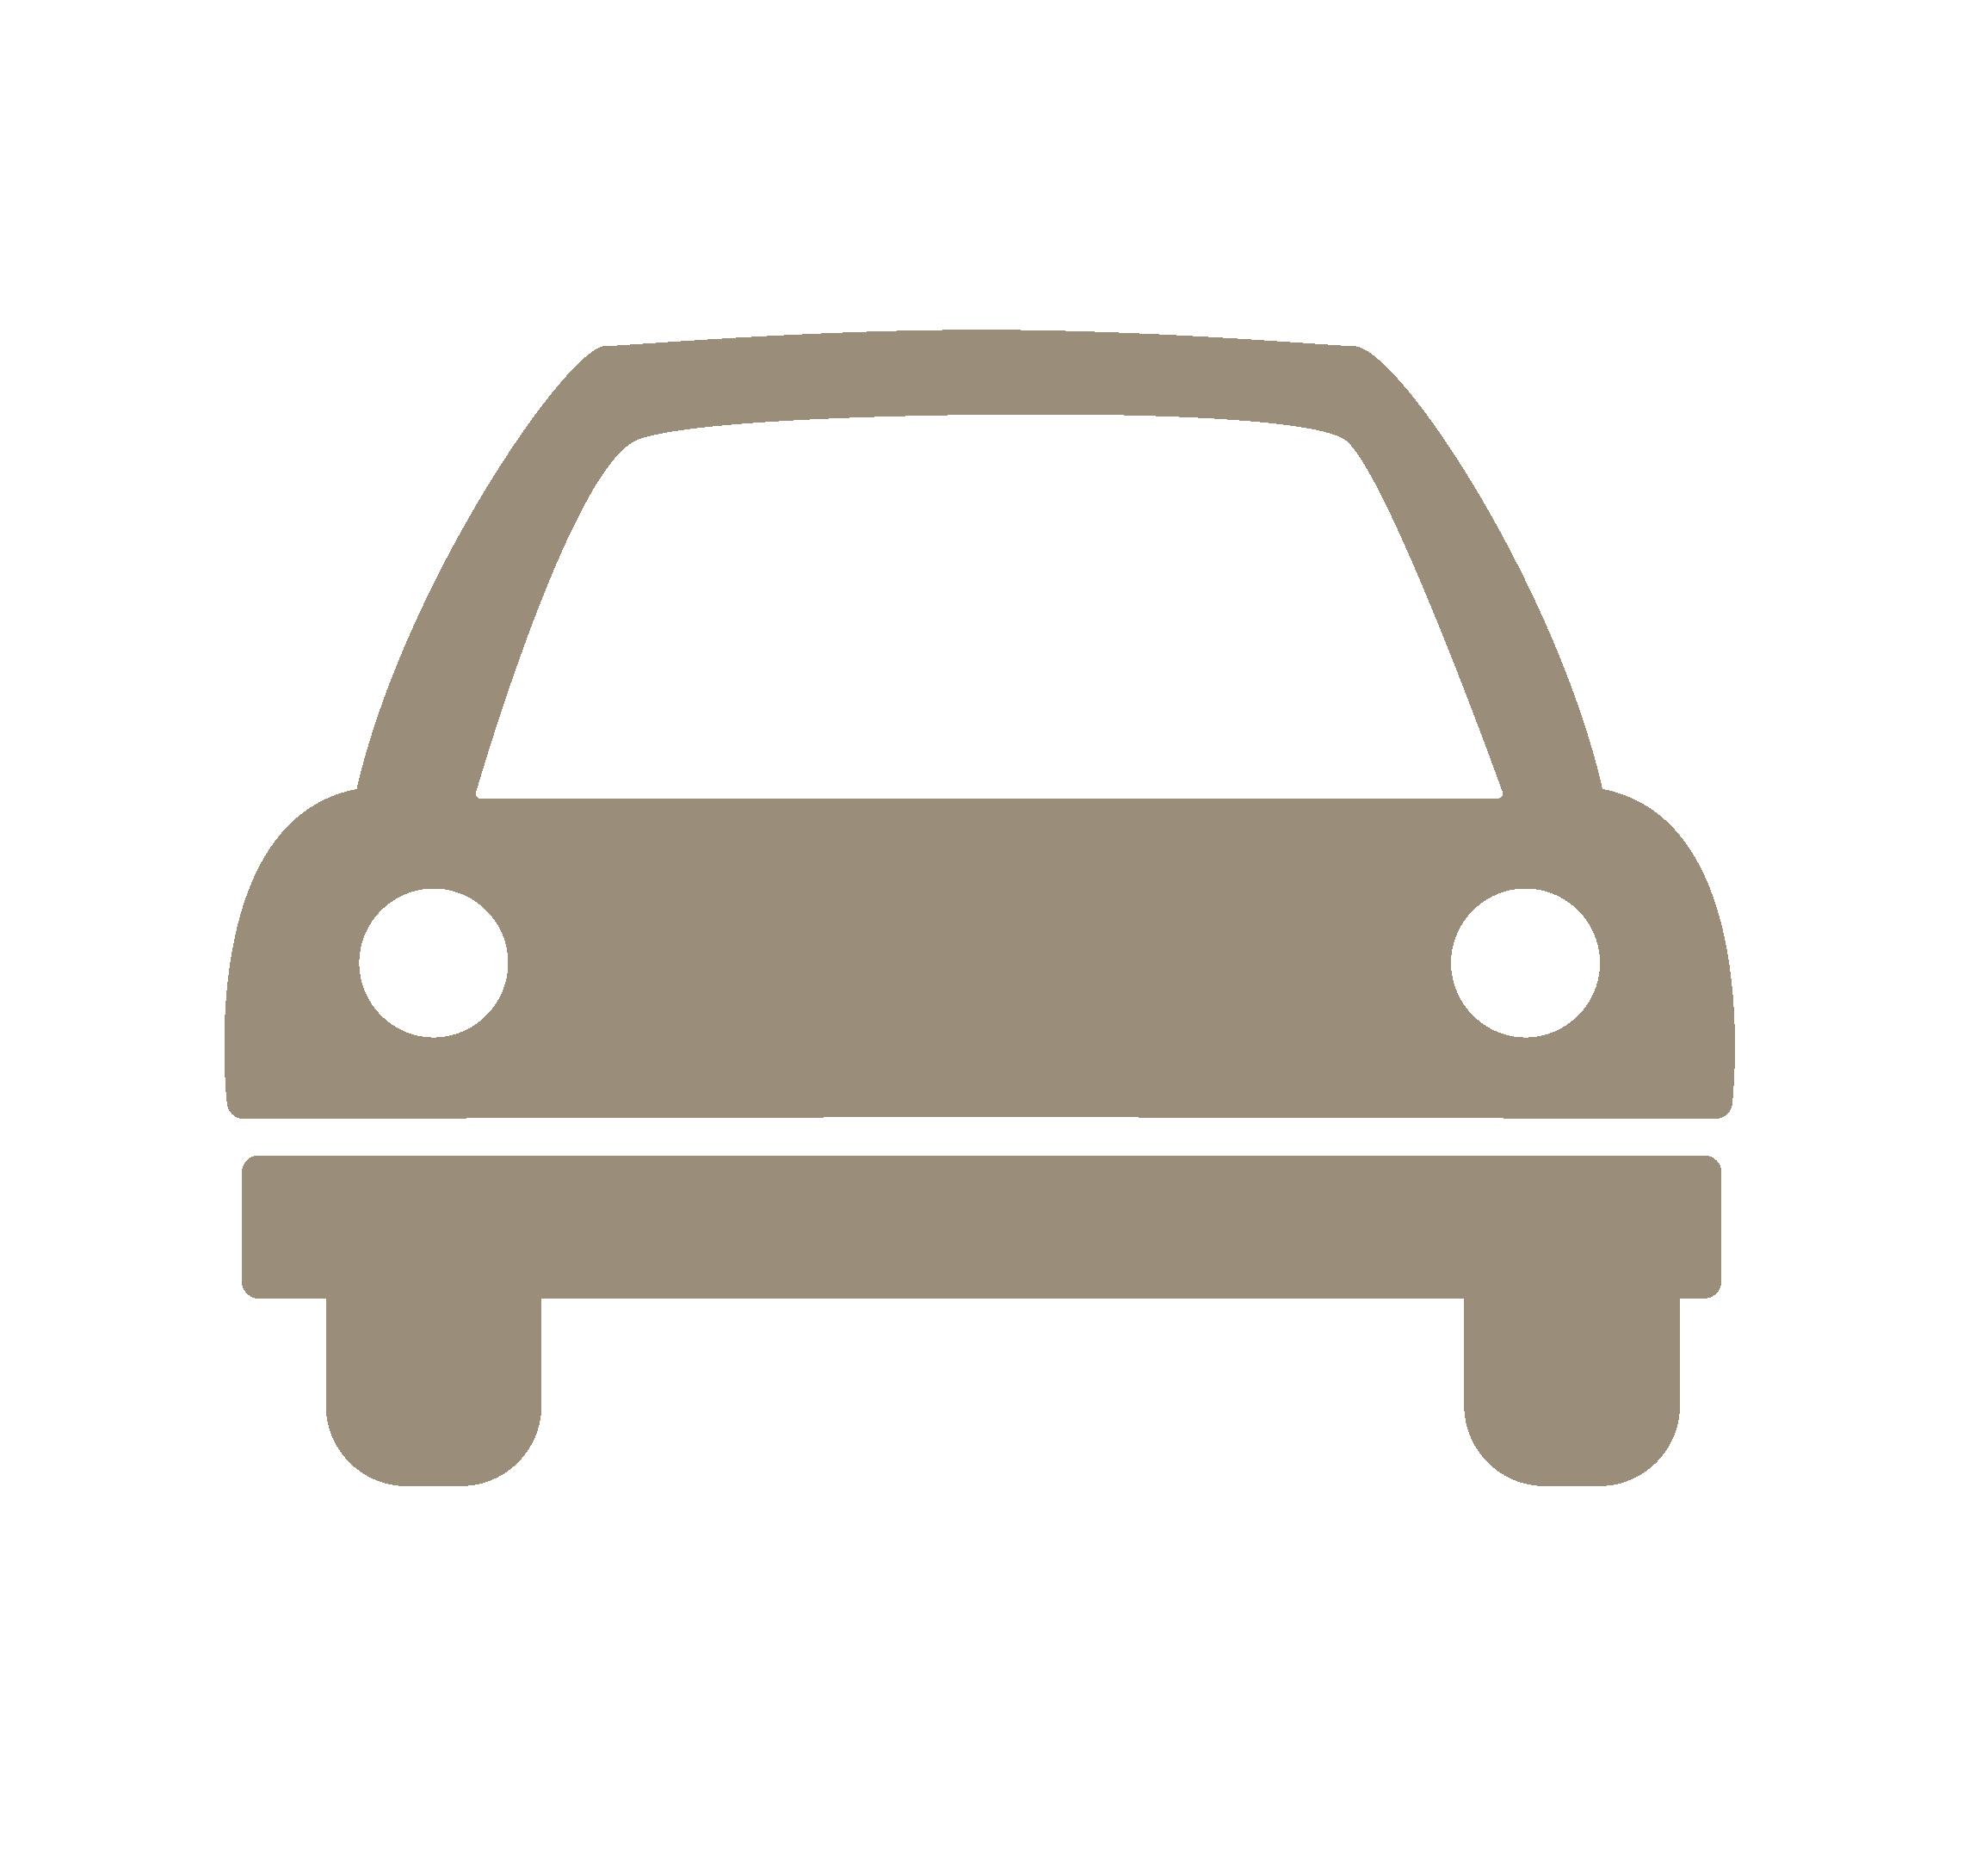 icone automovel 01